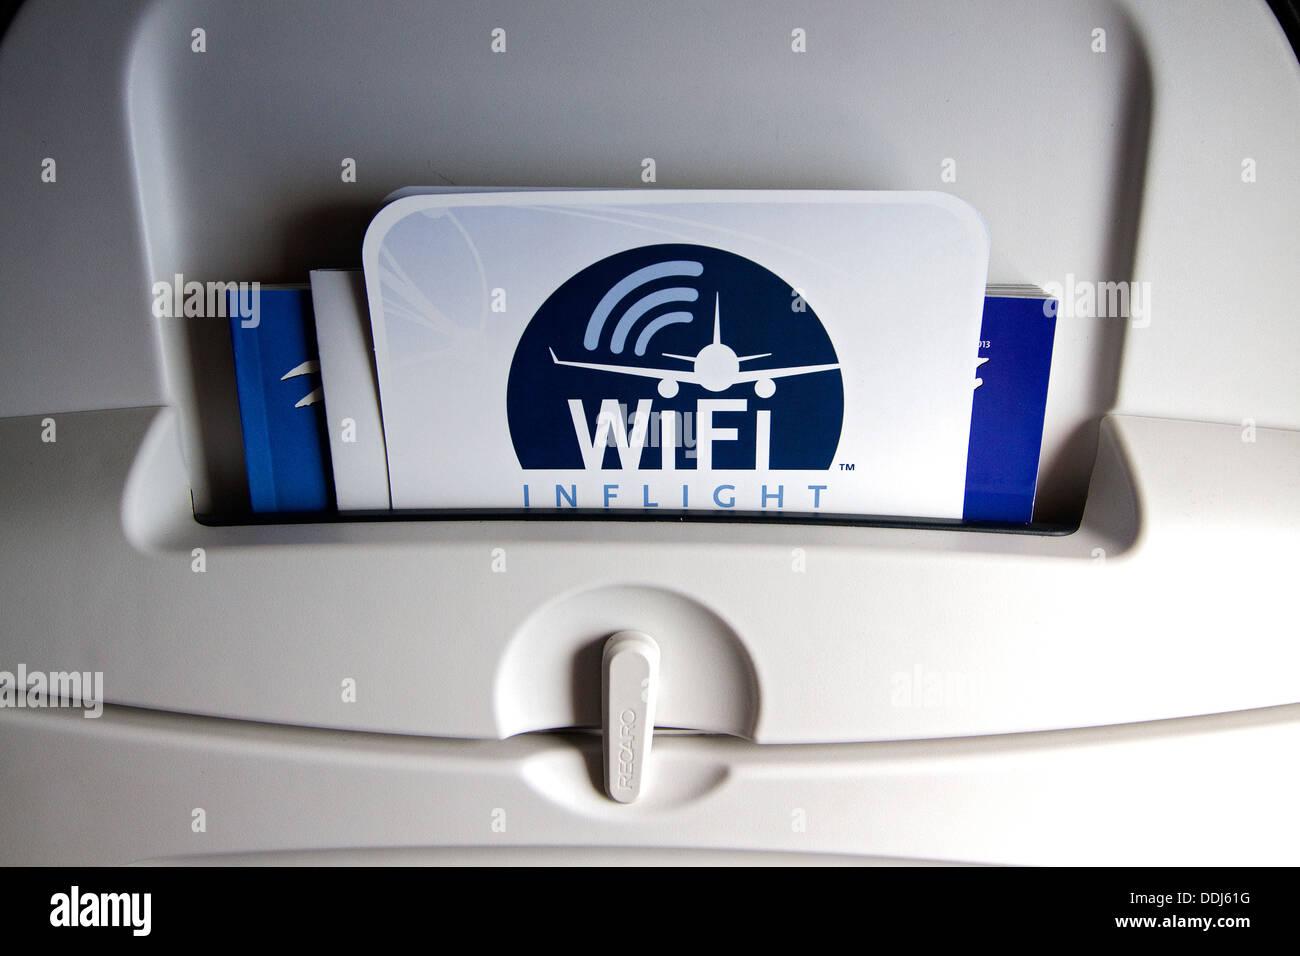 Connexion Wi-Fi au réseau local à bord annoncés sur l'arrière de siège d'avion. Connexion Wi-Fi au réseau local de la prochaine génération de divertissement à bord. Photo Stock